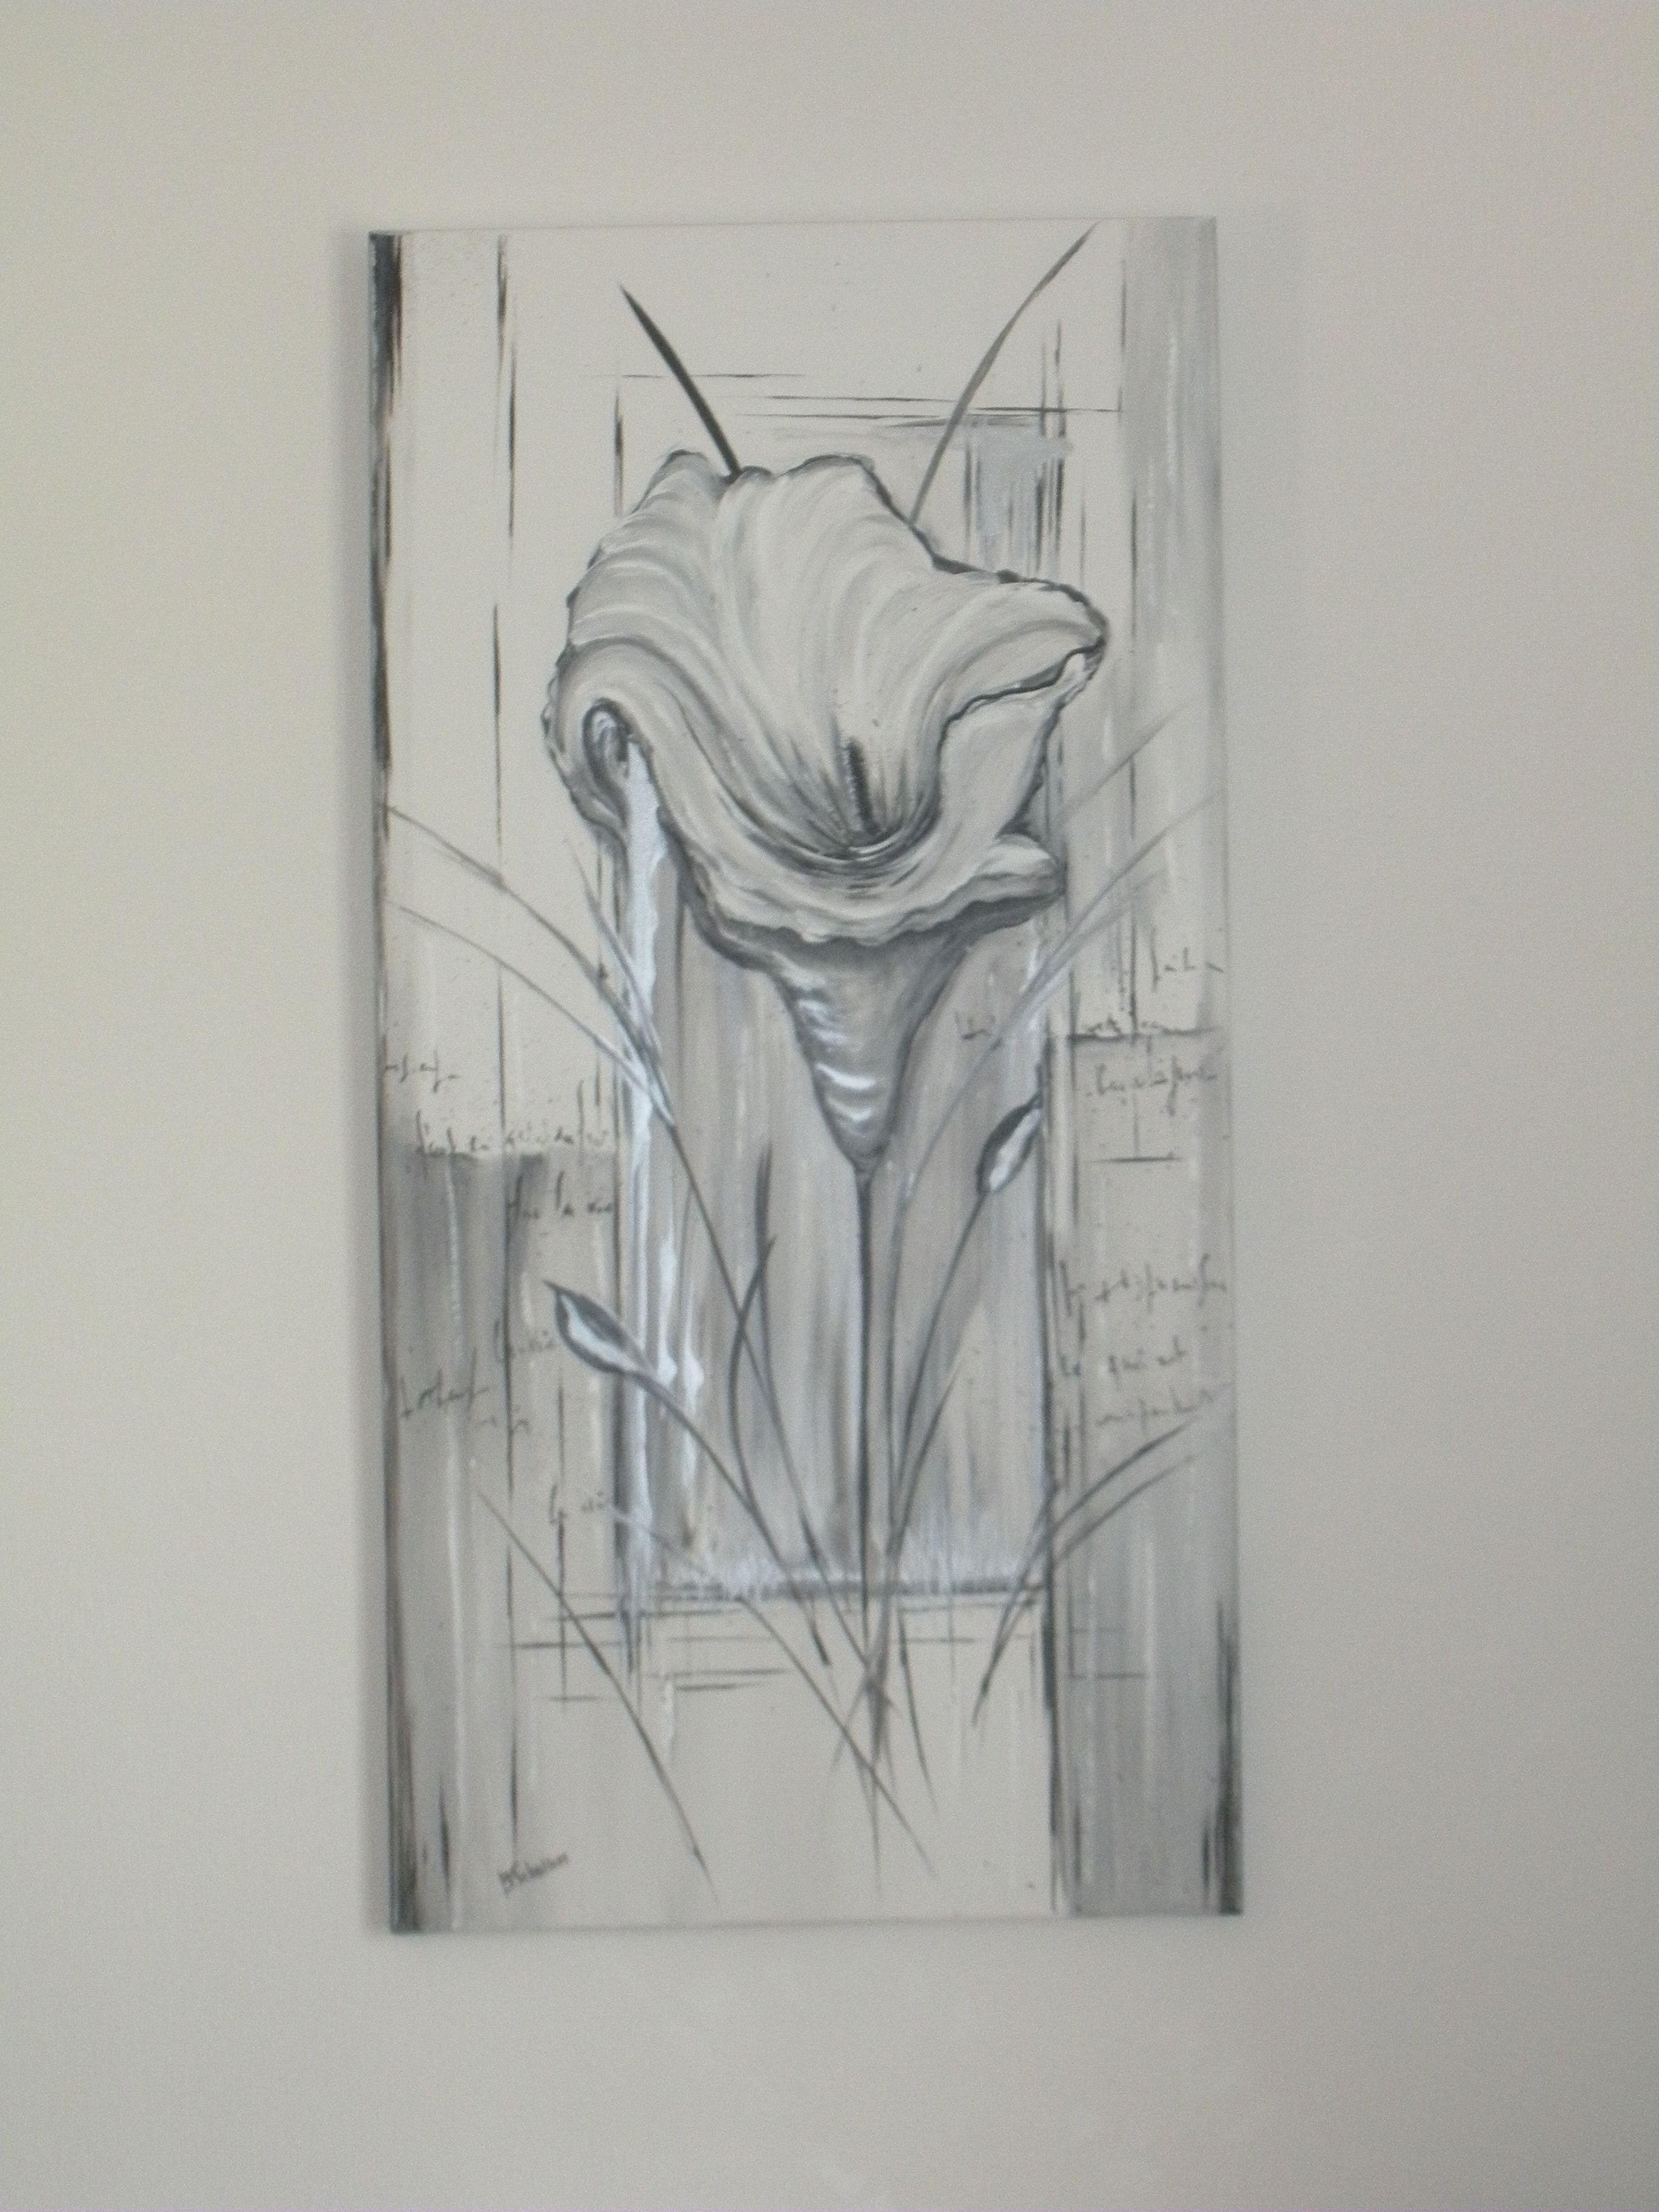 b schutten artiste peintre page 3